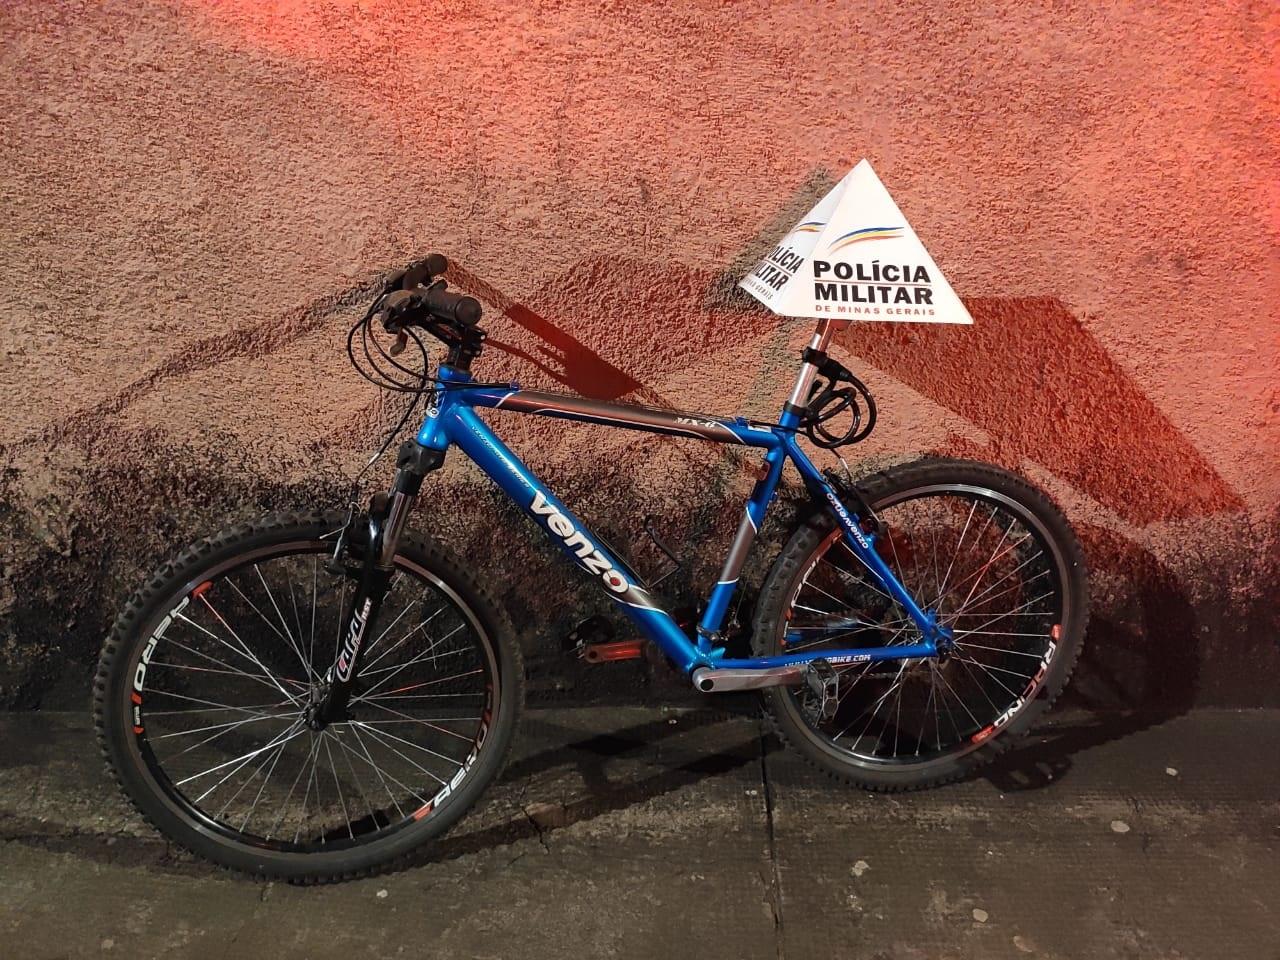 Polícia prende suspeito de receptação e recupera bicicleta furtada